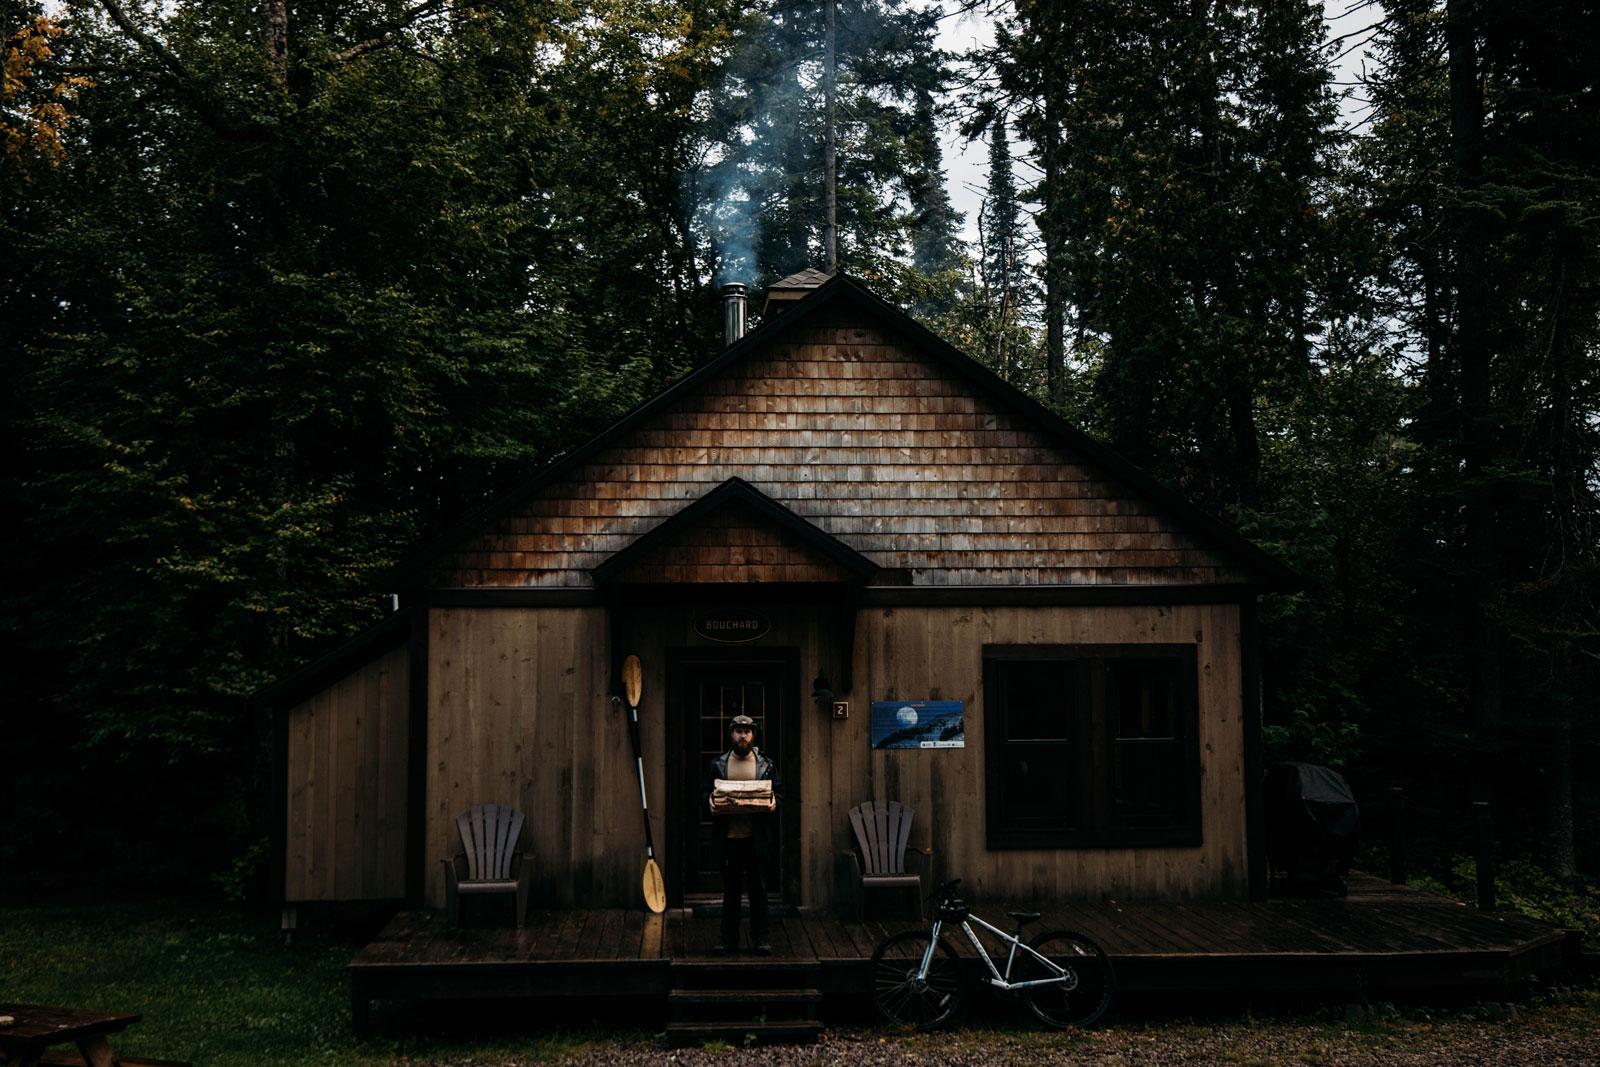 hébergement chalet nature : parc montagne du diable